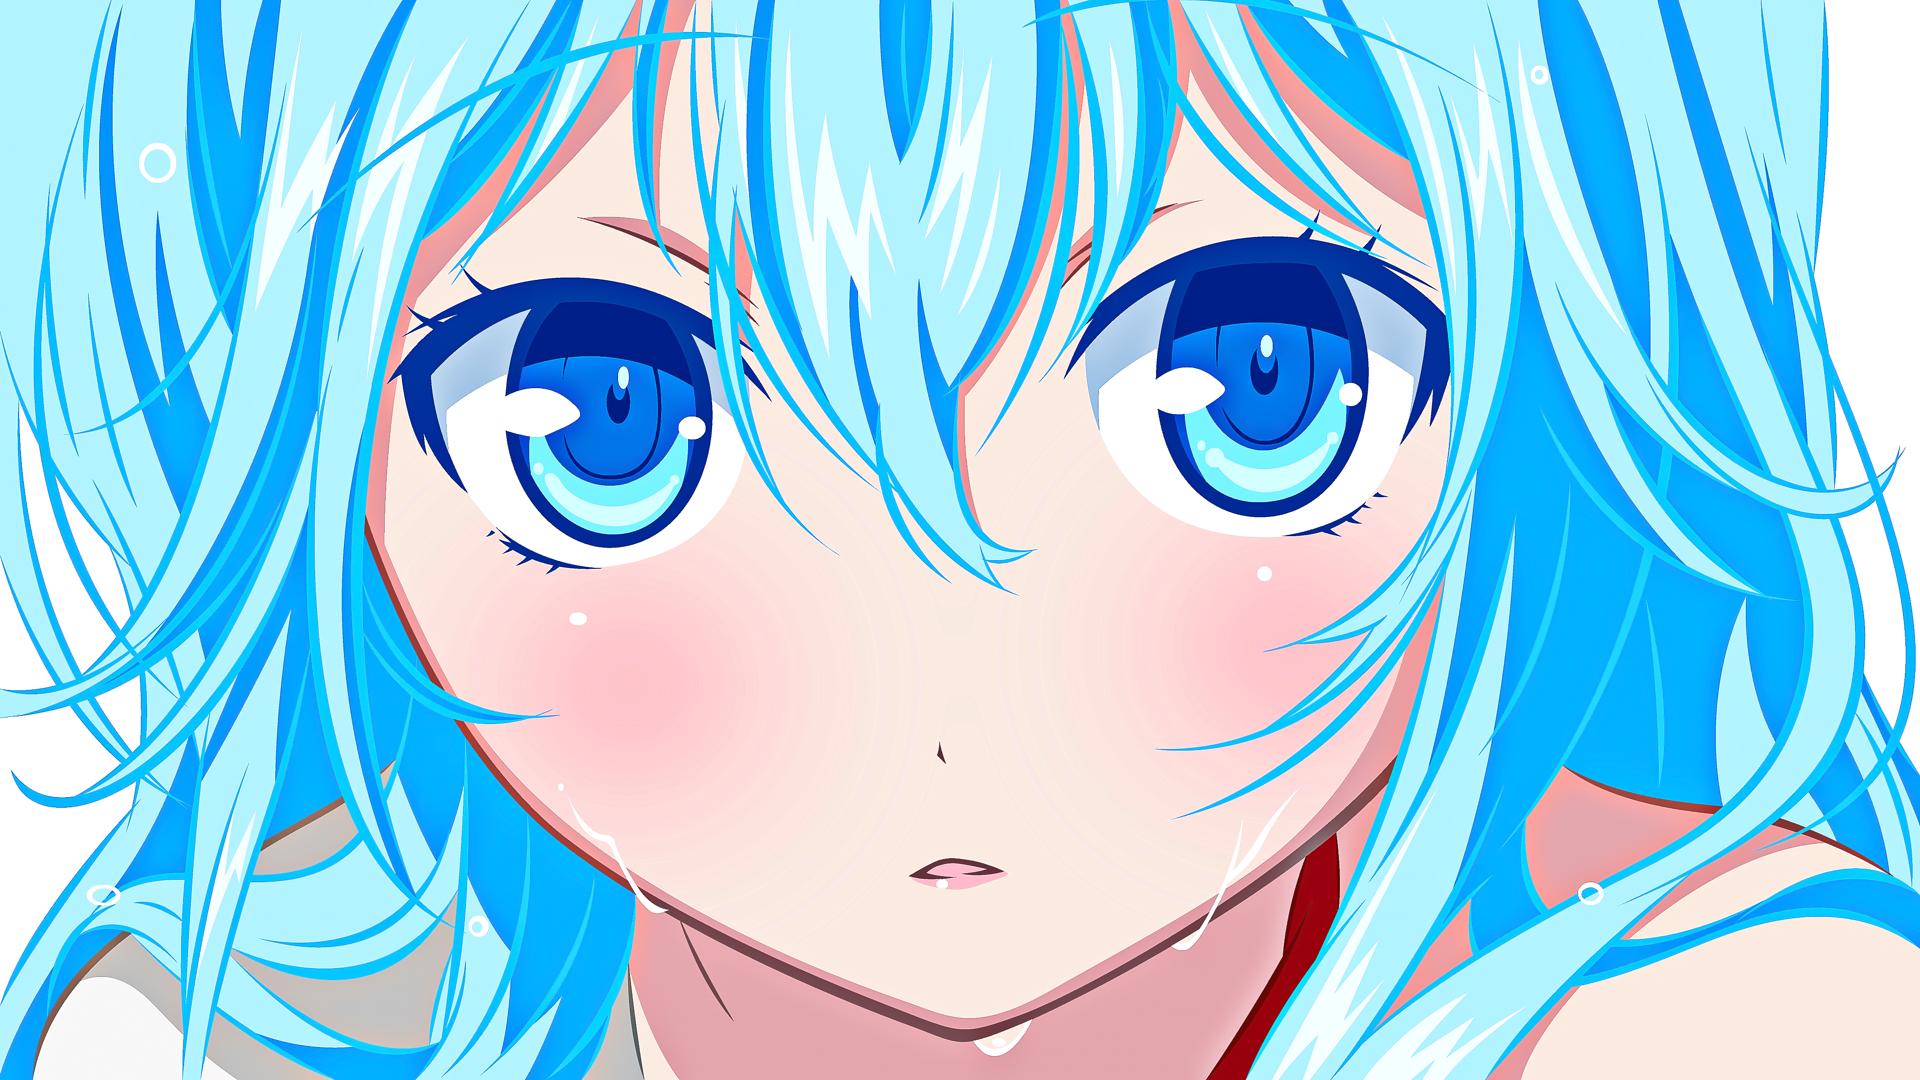 Hentai, Anime, Manga free porn forum! - Hentai pornBB Anime gallery site web